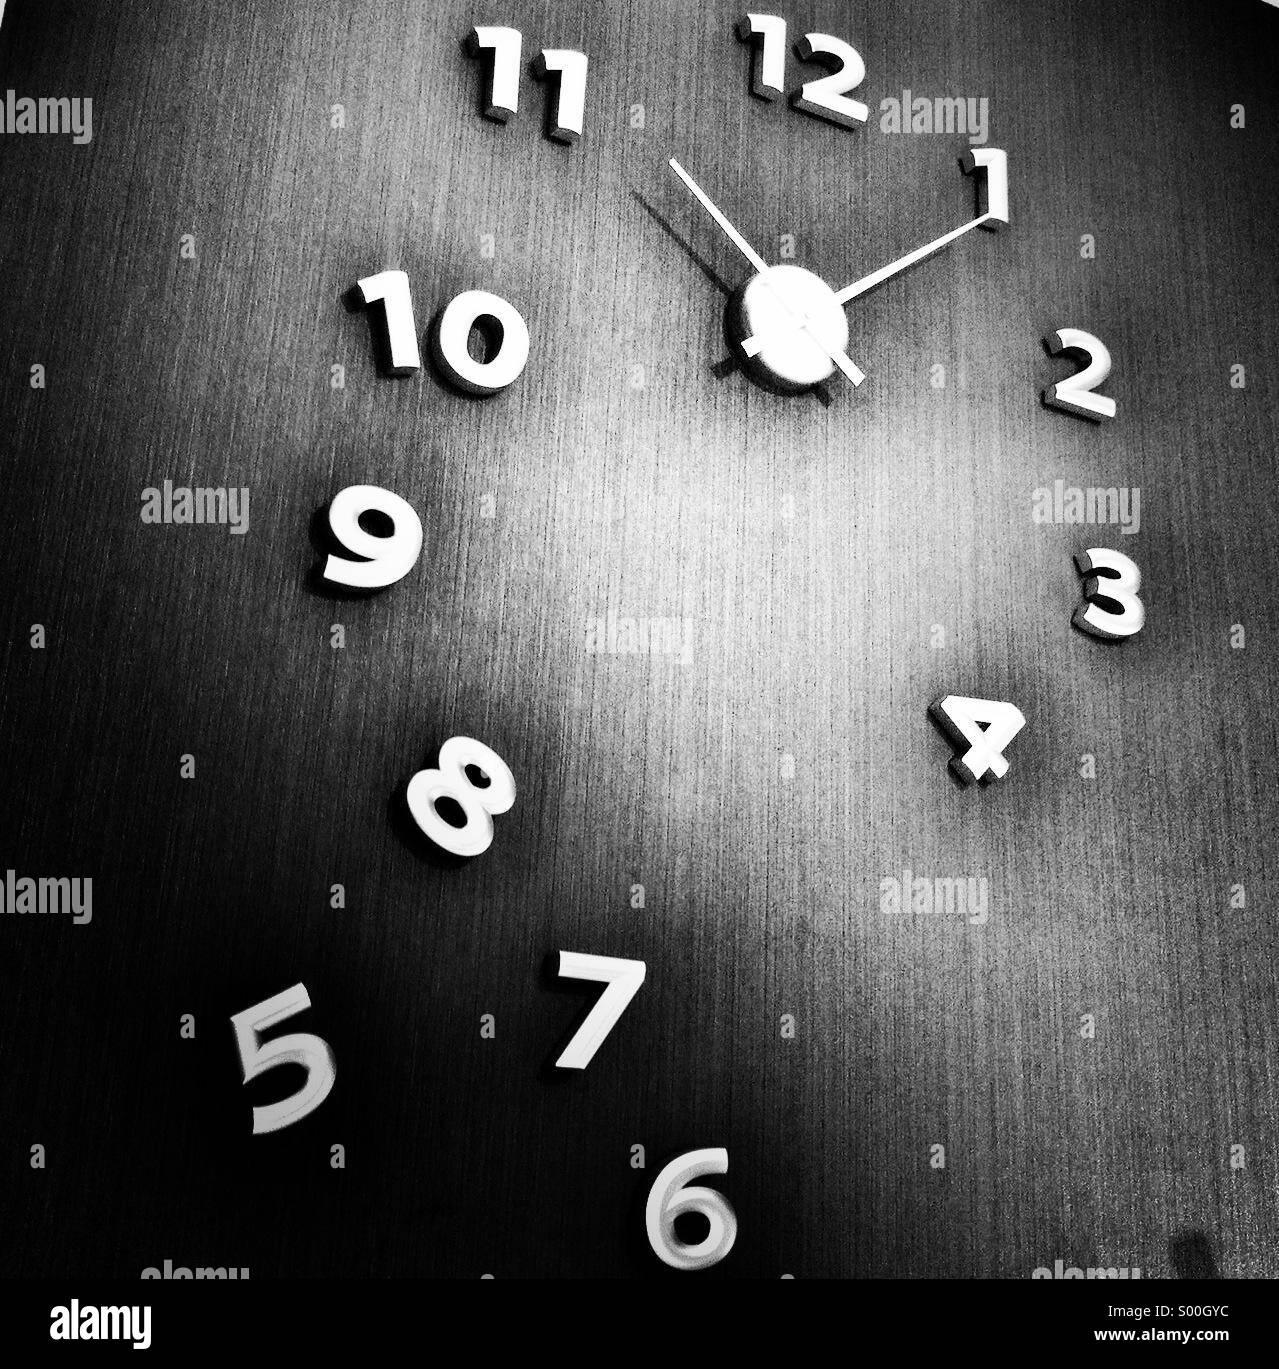 Zeit. Ganz originell Ziffernblatt. B&W Verarbeitung. Quadratisches Format. Stockbild